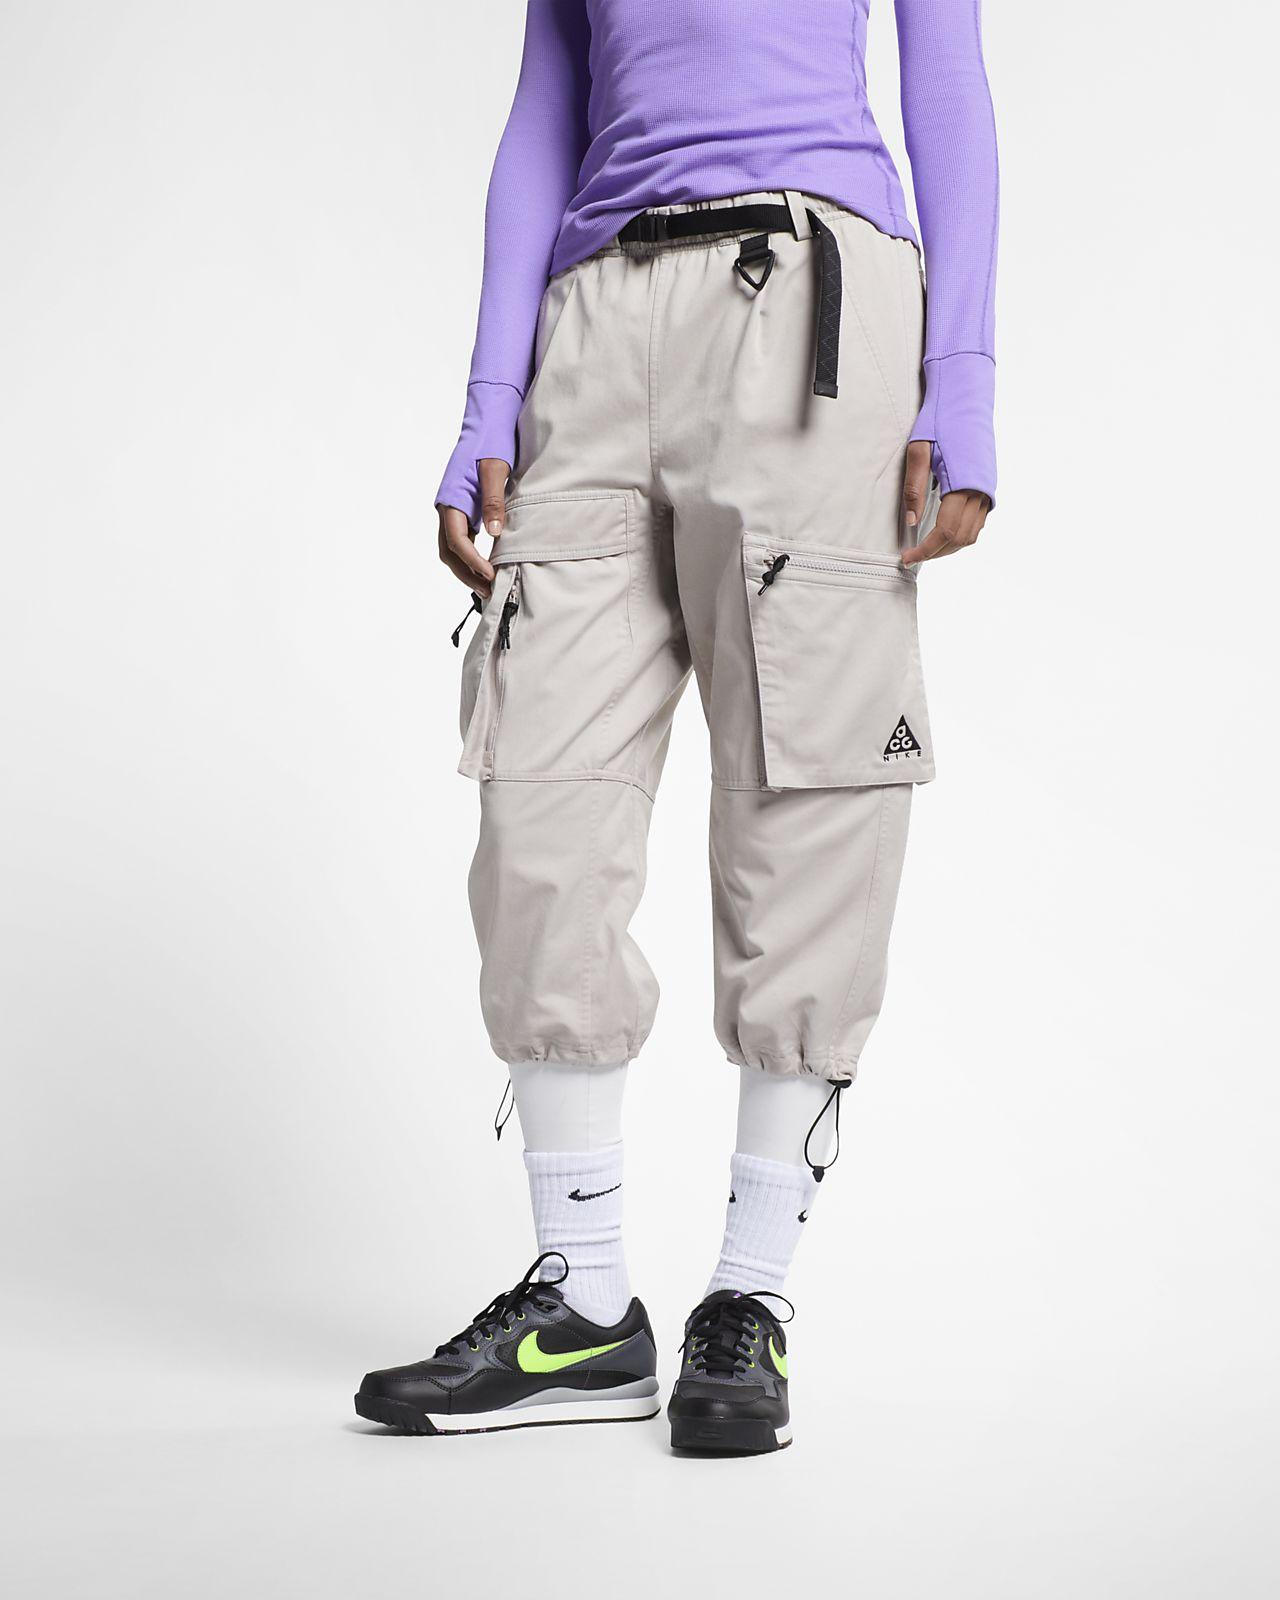 Nike ACG bukse til dame